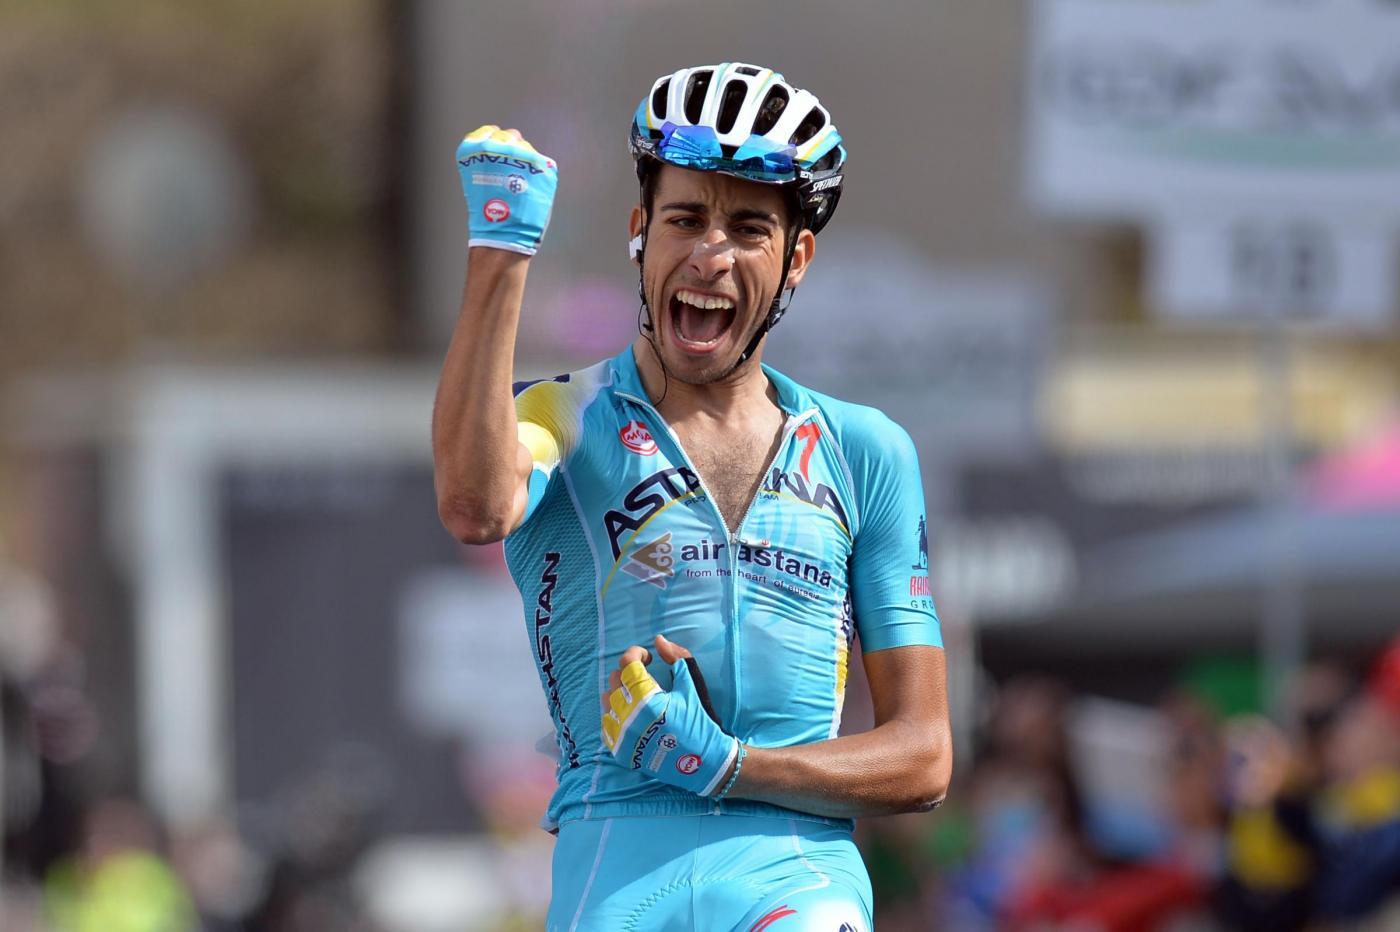 Giro di Lombardia 2016, ecco il nuovo percorso